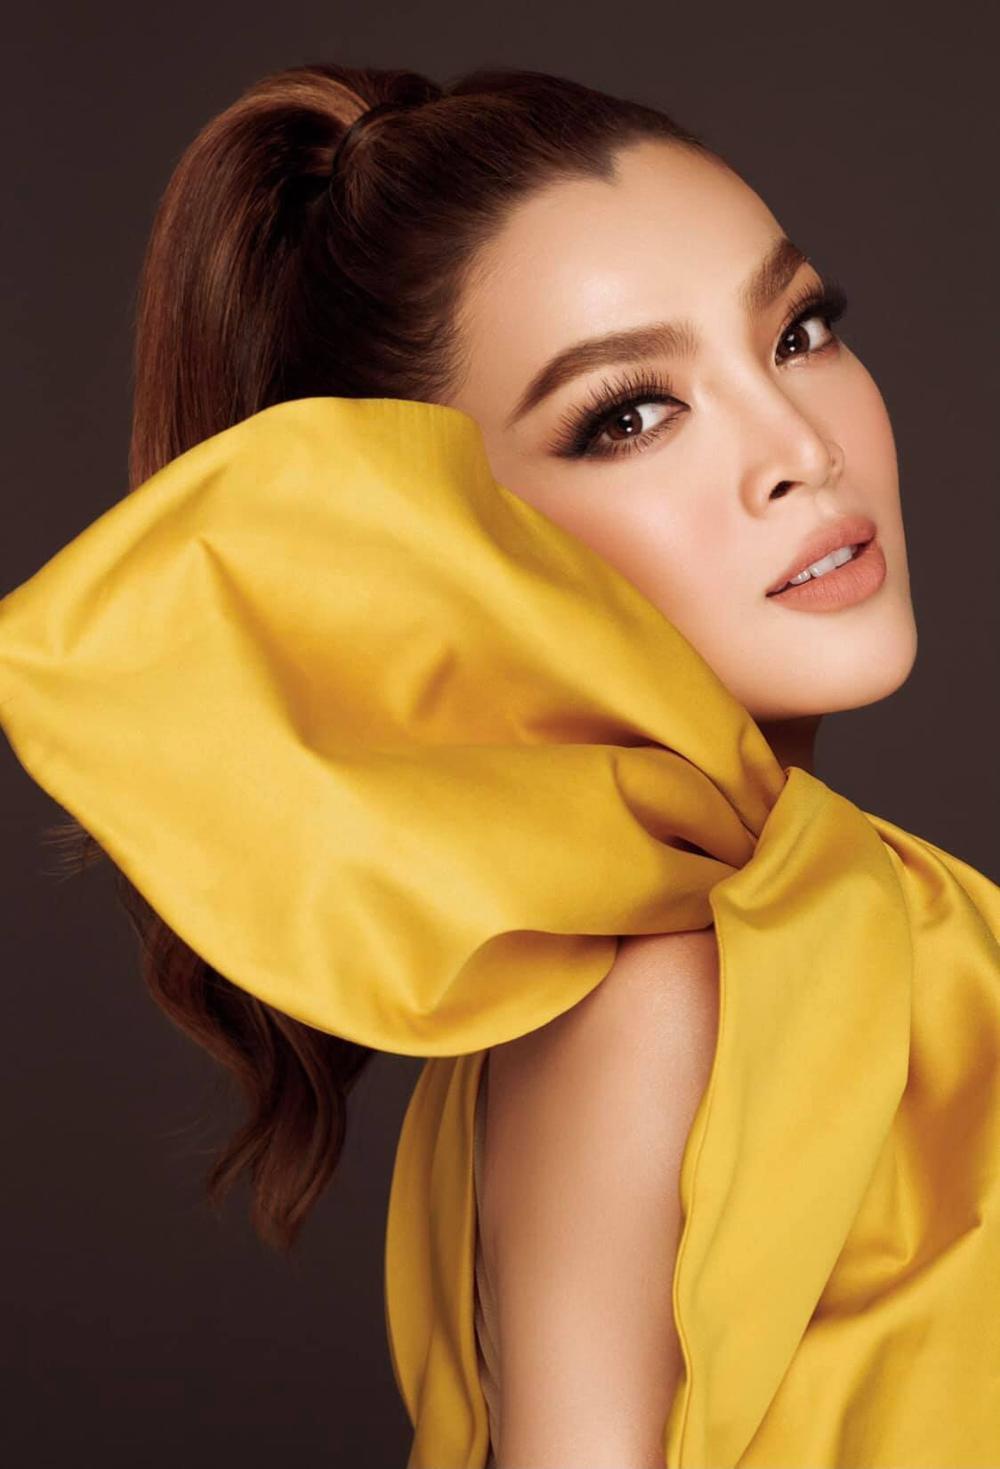 12 thí sinh đầu tiên dự thi Miss International Queen 2021: Trân Đài 'kèn cựa' mỹ nhân Thái Lan Ảnh 4